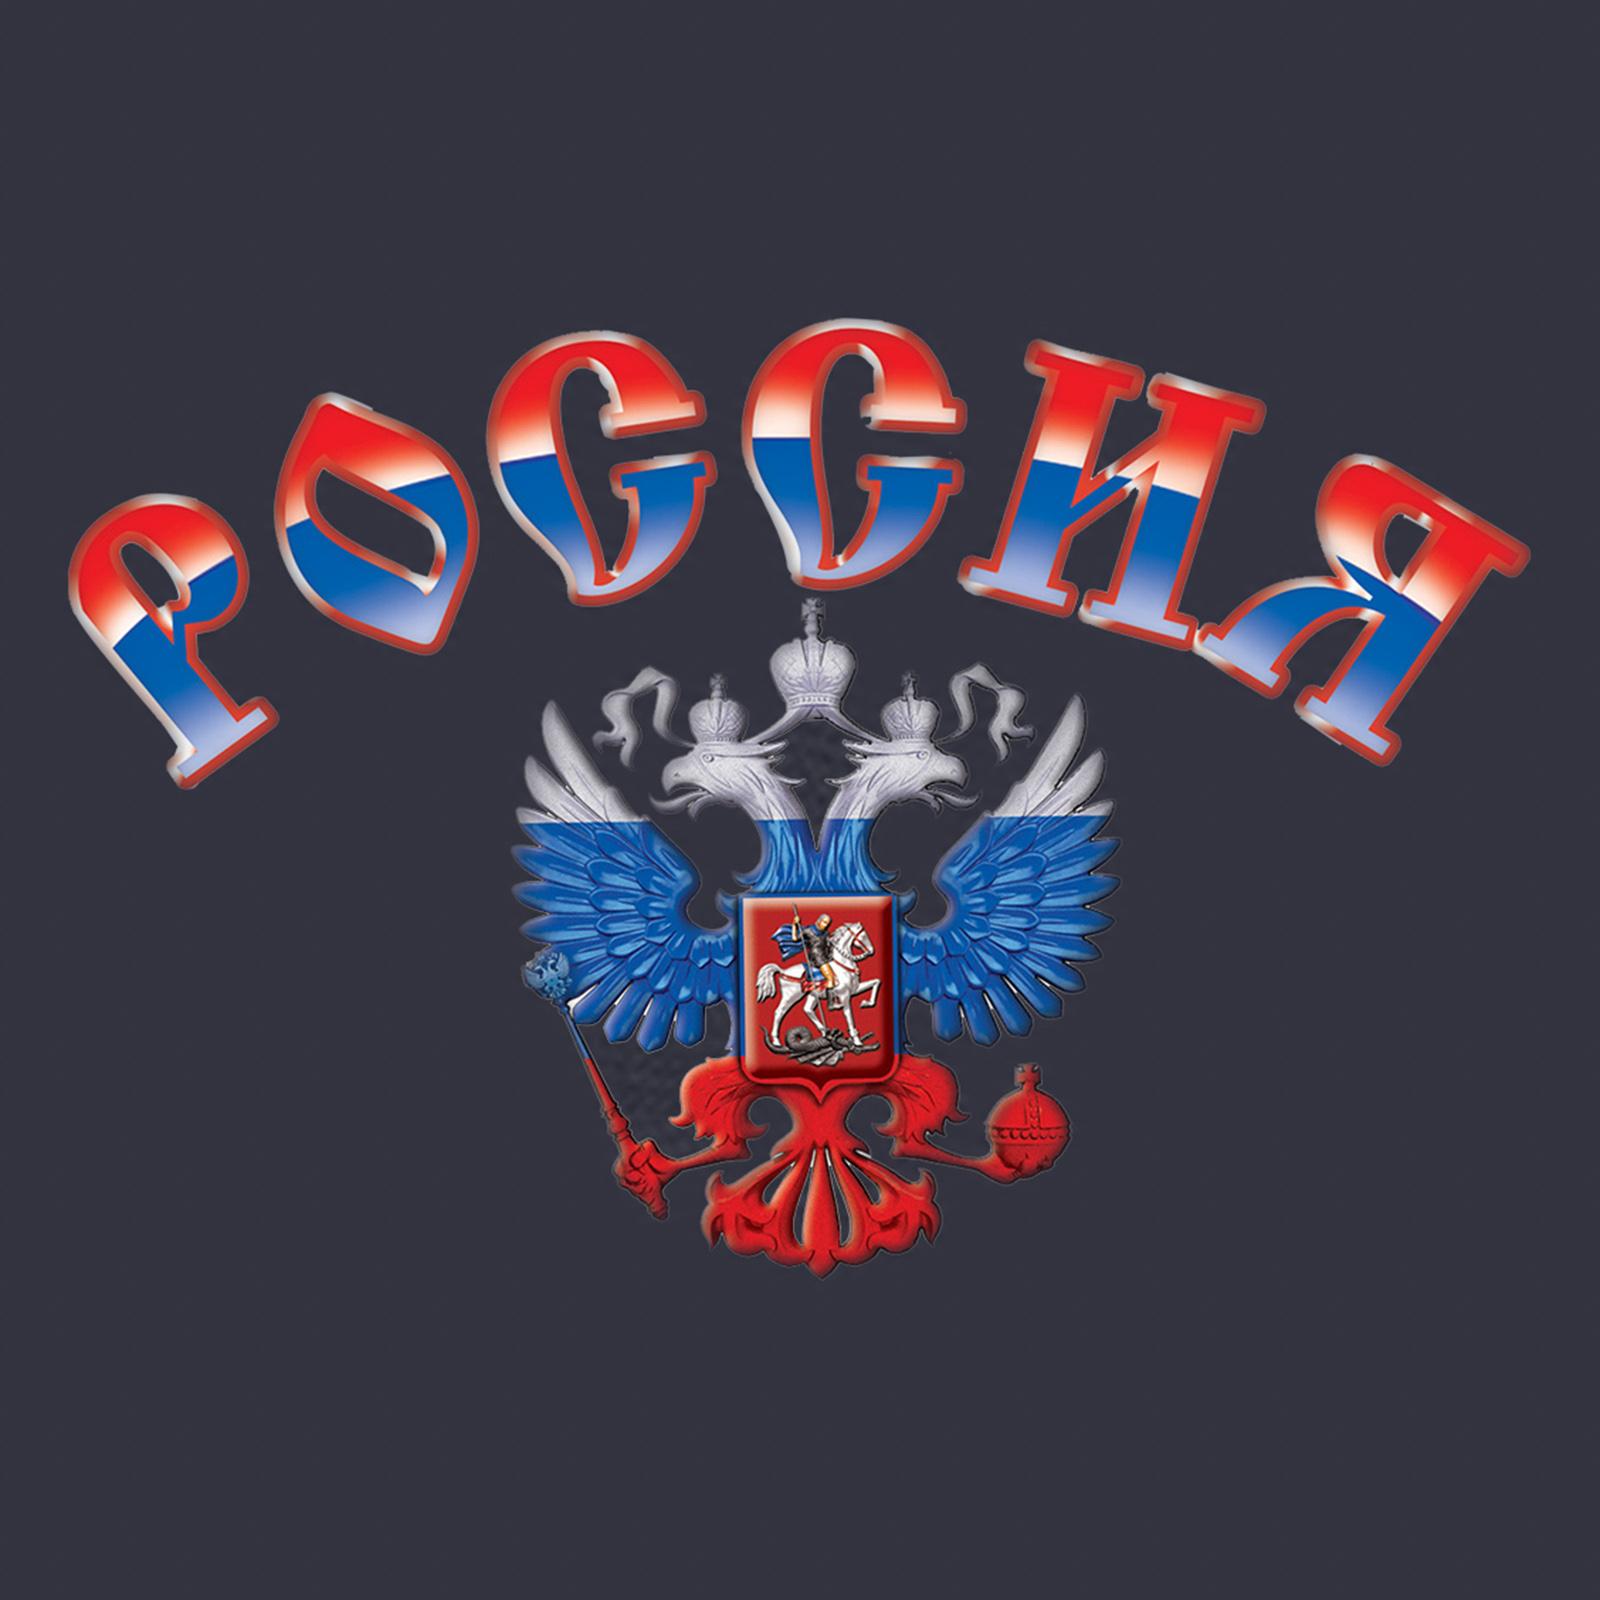 Купить крутую темно-синюю бейсболку с термотрансфером РОССИЯ по низкой цене